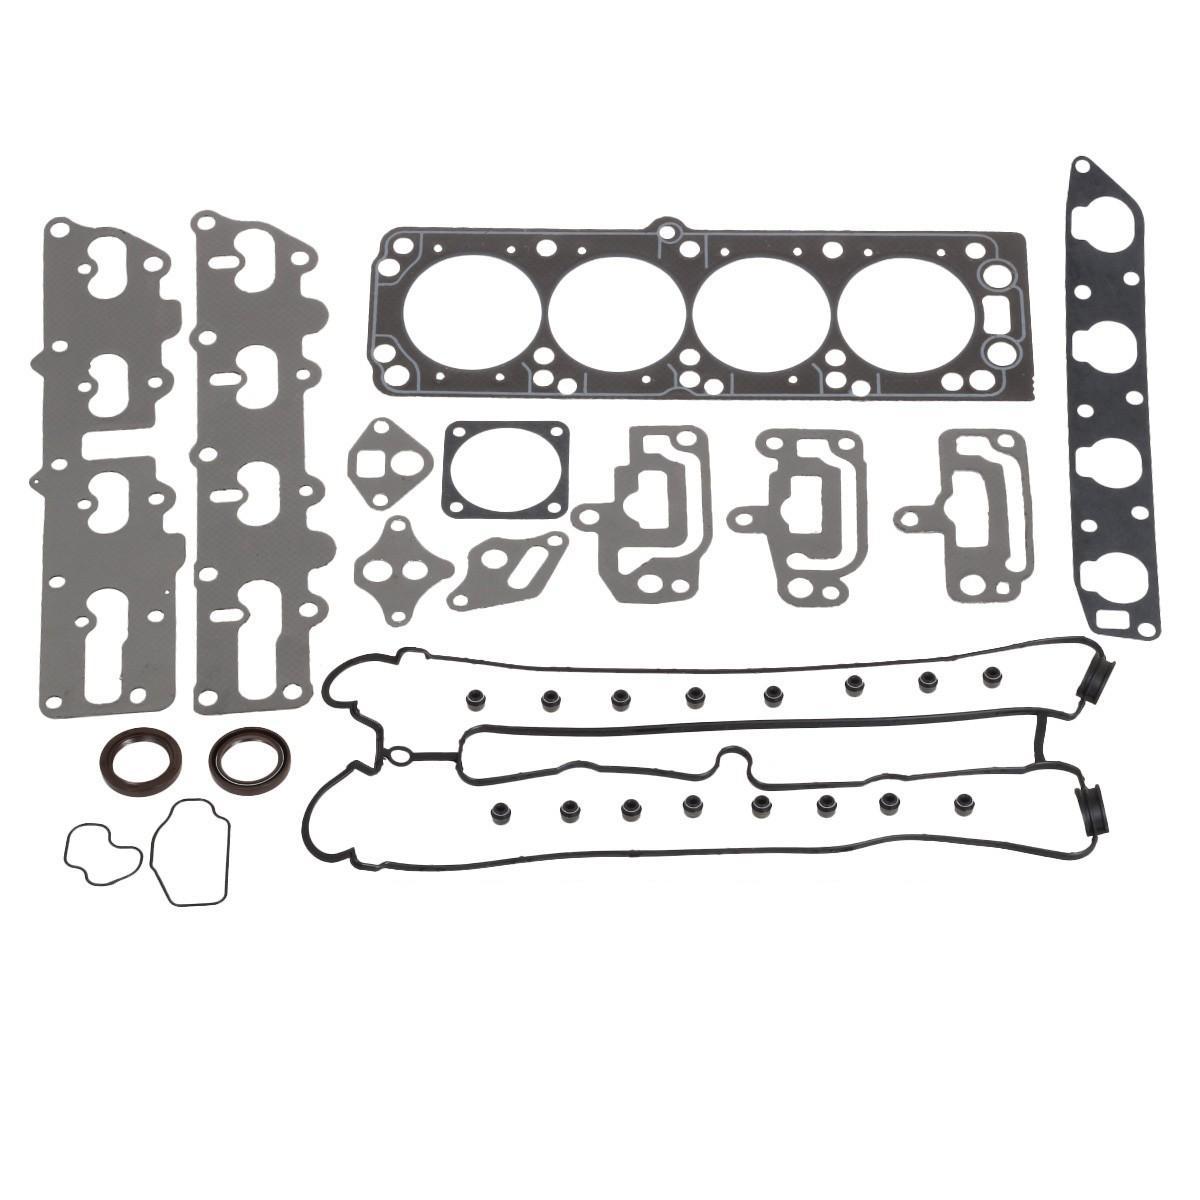 For Suzuki Forenza Reno 2 0 Dohc 16v Cylinder Head Gasket